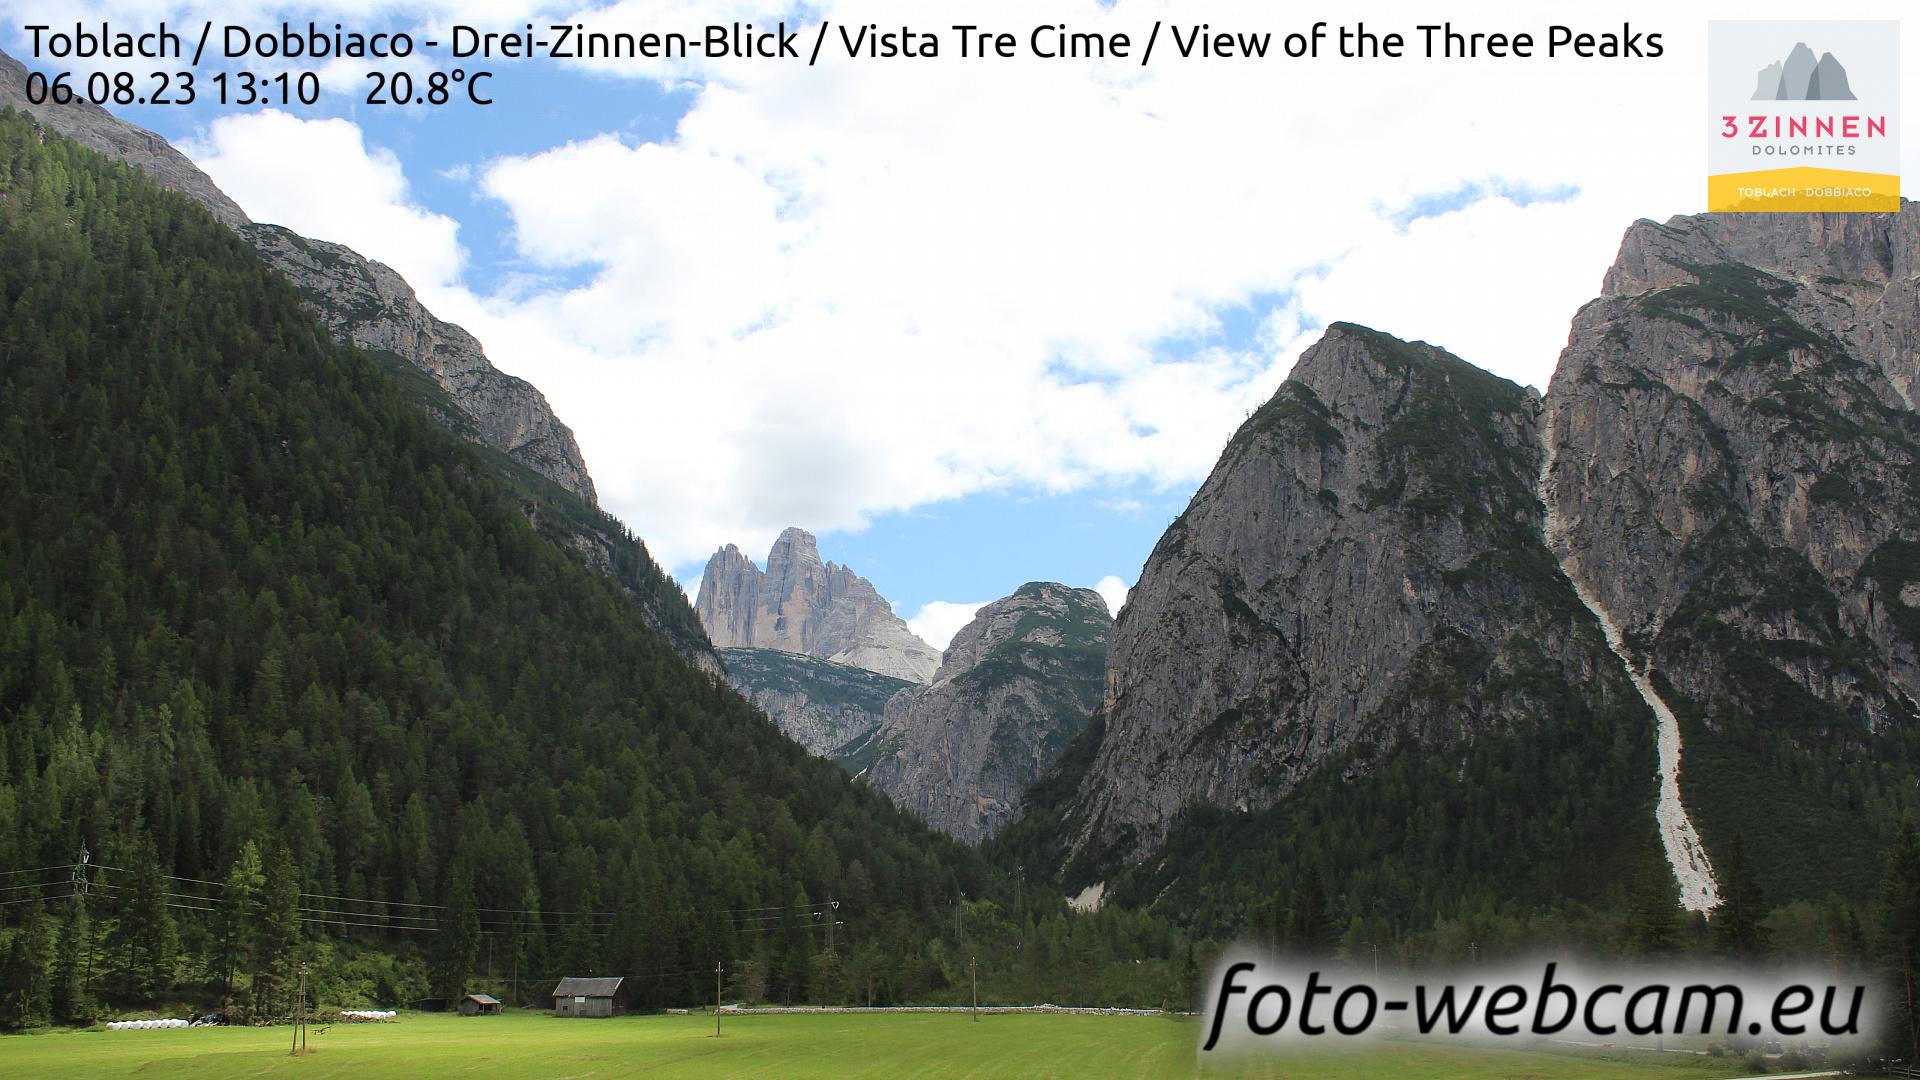 Toblach (Dolomites) Mon. 13:27